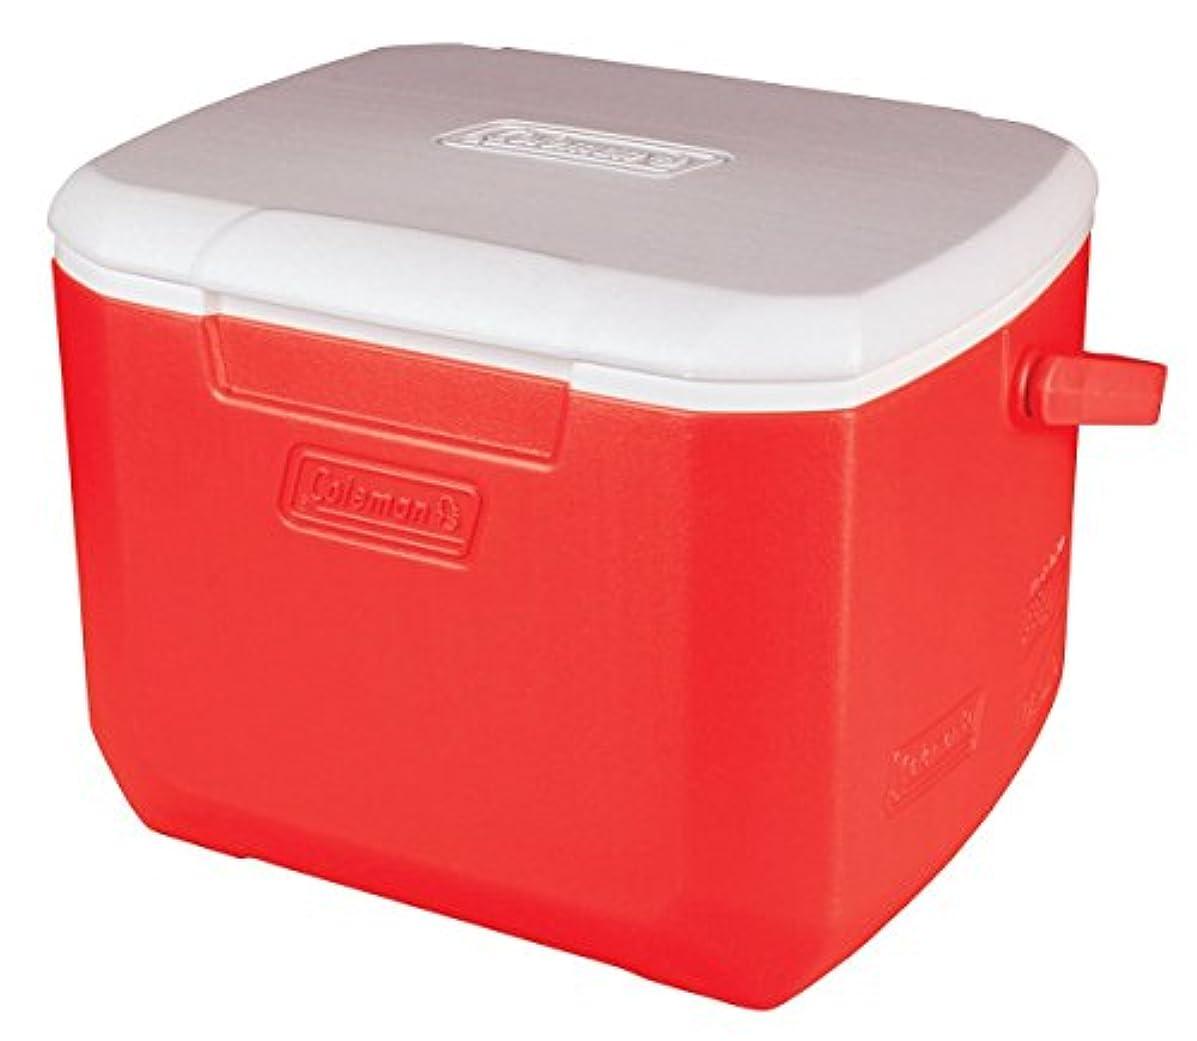 頼るライナー用語集(15.1l, Red) - Coleman 15.1l Excursion Cooler